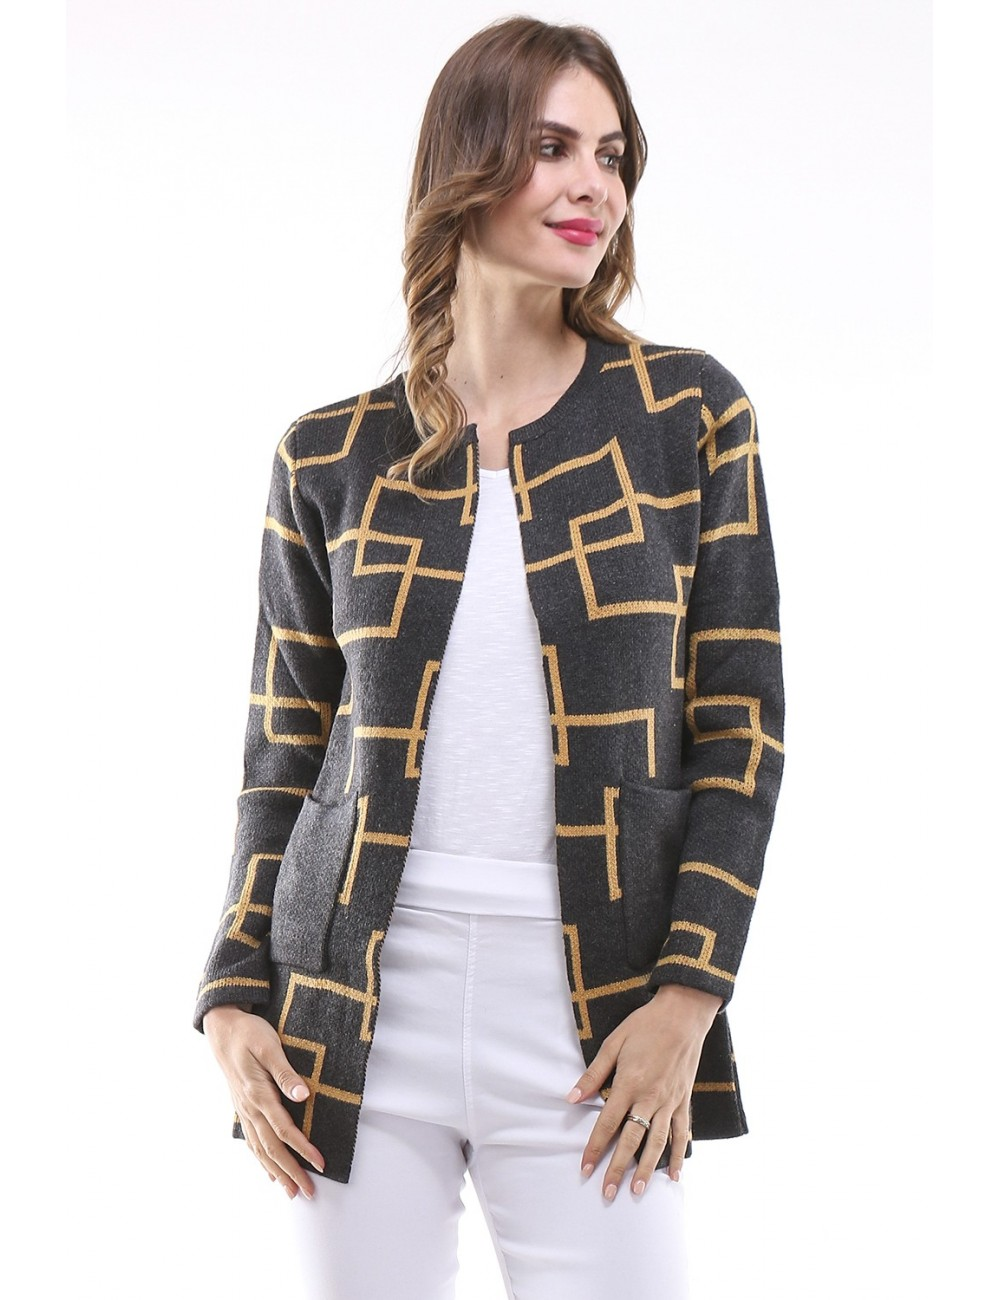 Gilet mi-long ouvert grande taille Femme manches longues avec poches style veste.